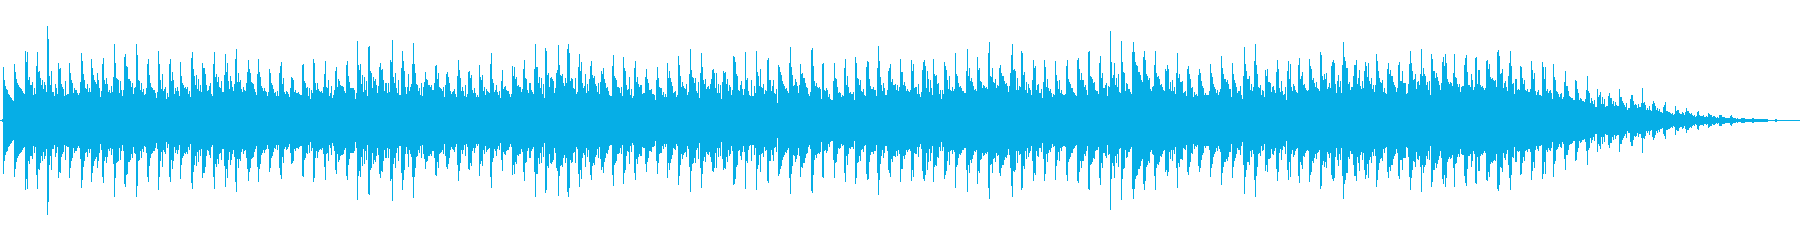 レトロ感のあるアナログシンセの音の再生済みの波形